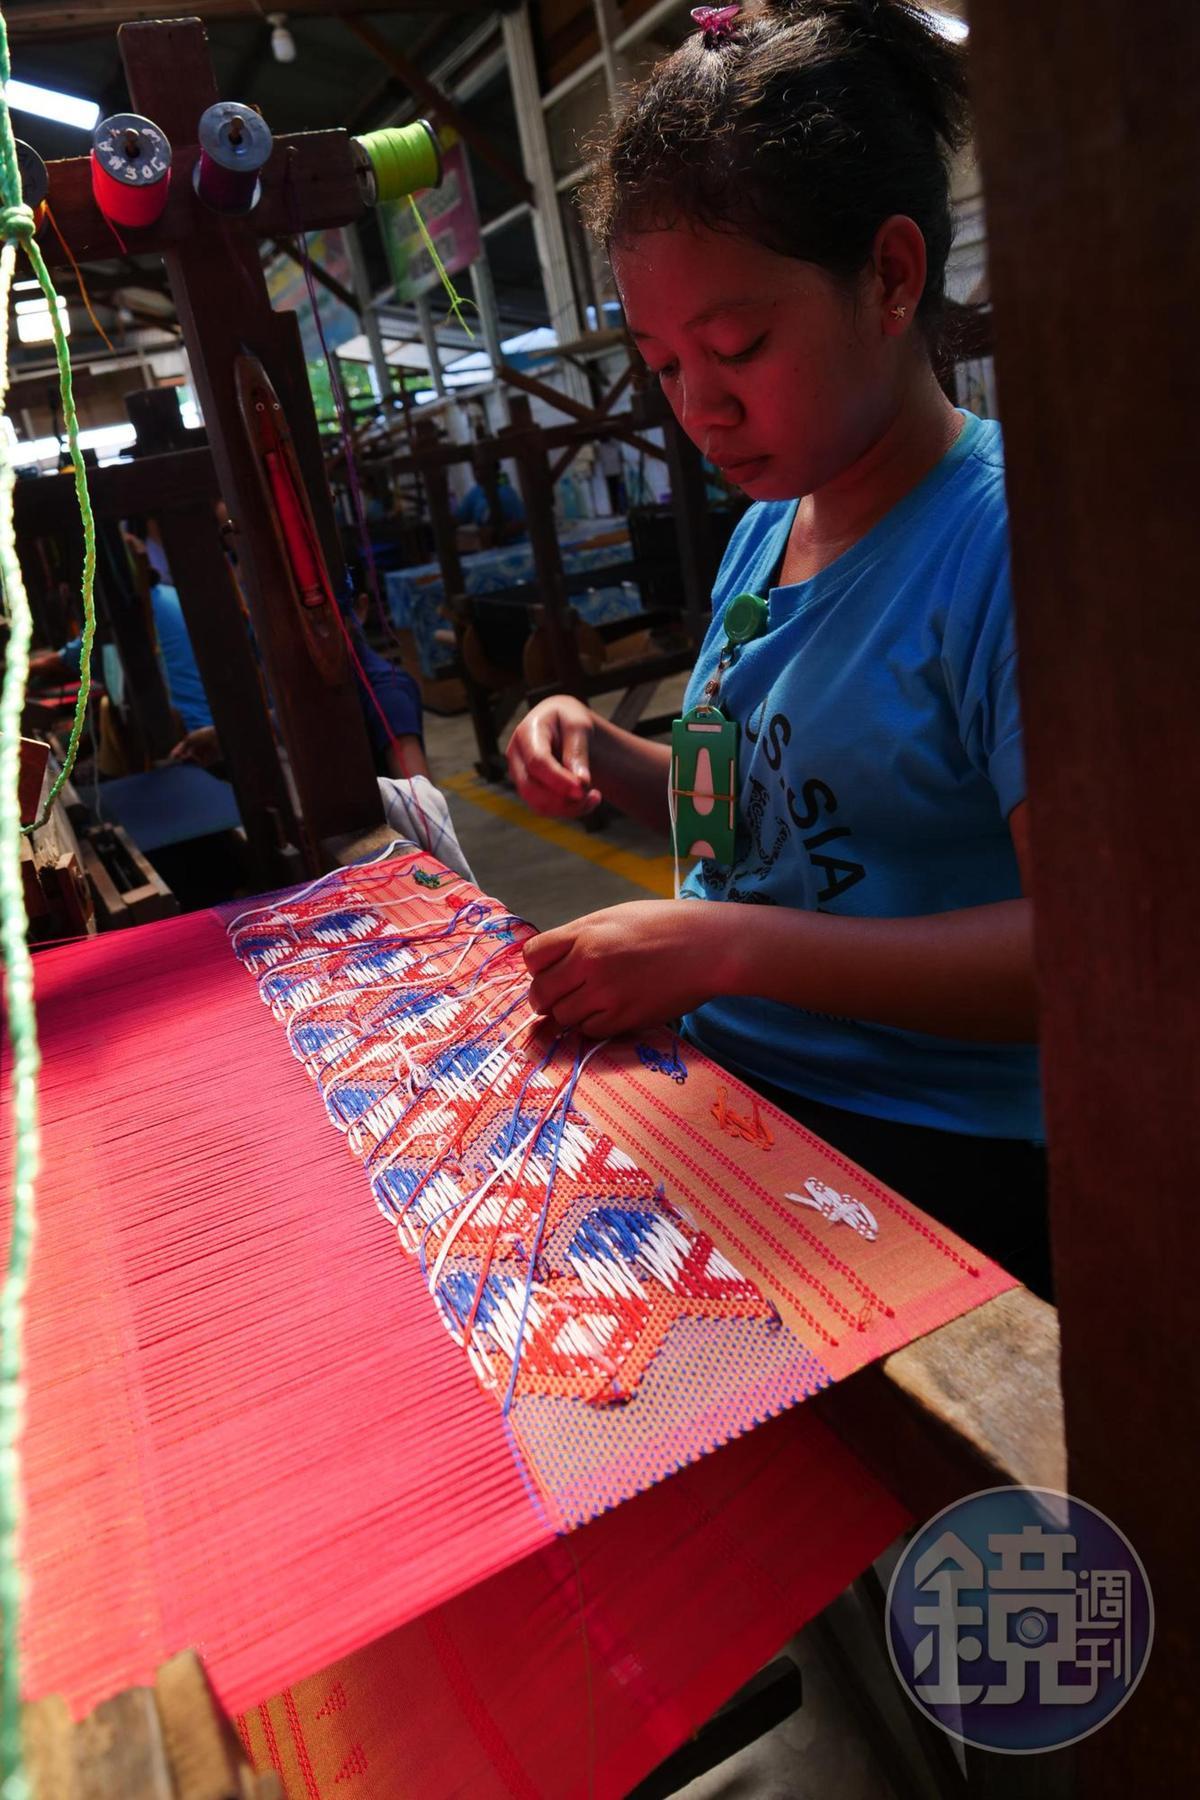 手工織成的Ulos,做工精美細緻。